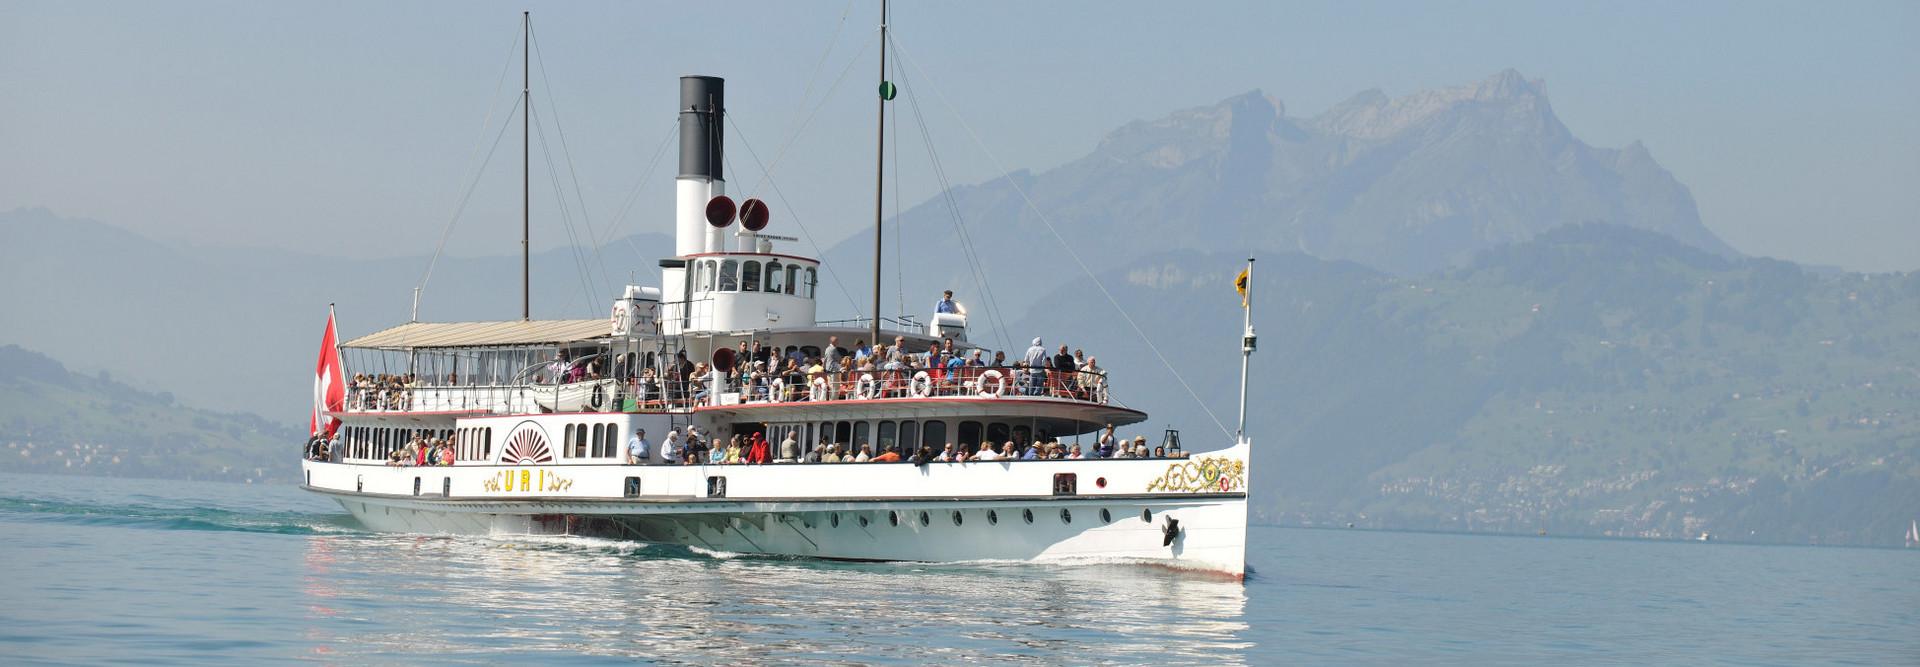 Das Dampfschiff Uri fährt bei schönem Wetter. Im Hintergrund ist der Pilatus zu sehen.